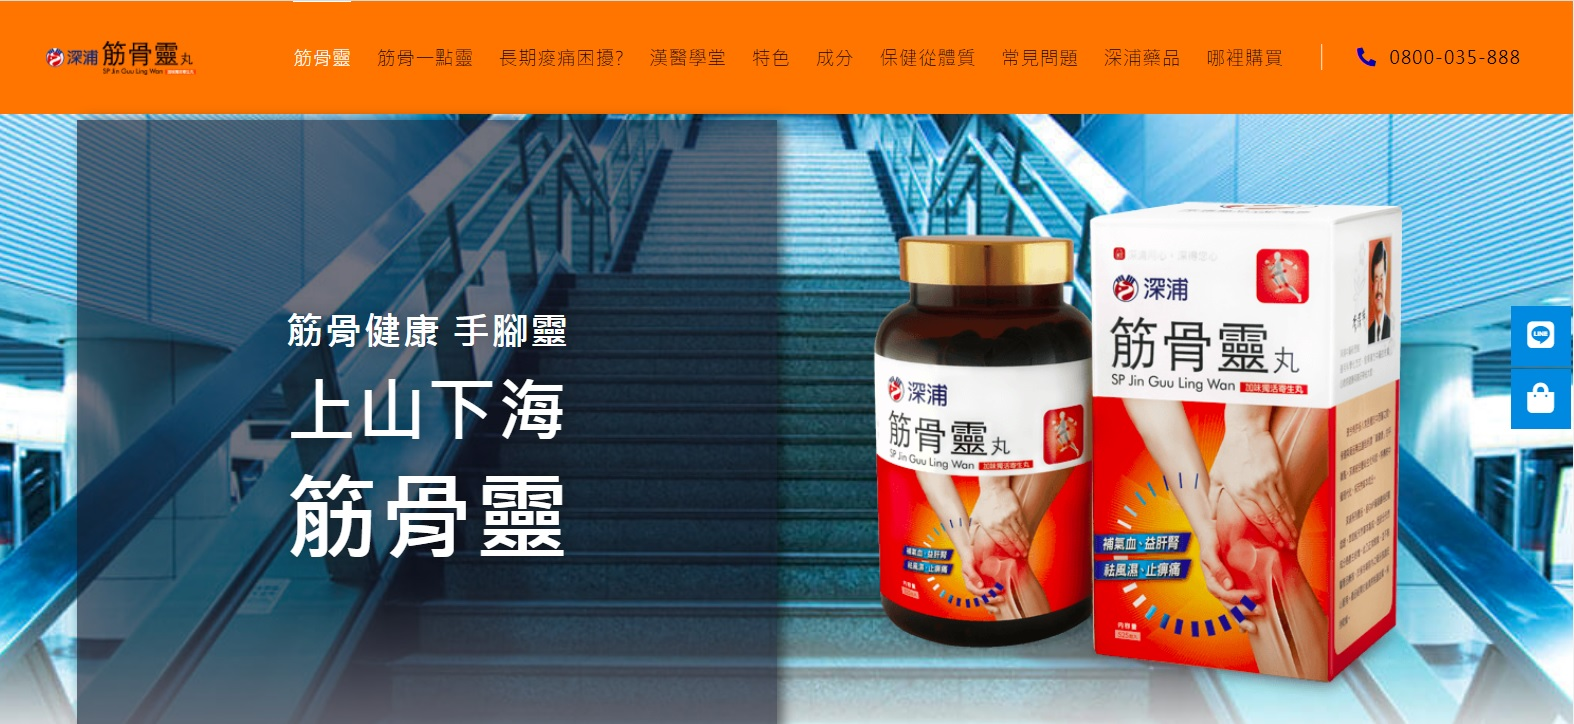 筋骨靈產品網站